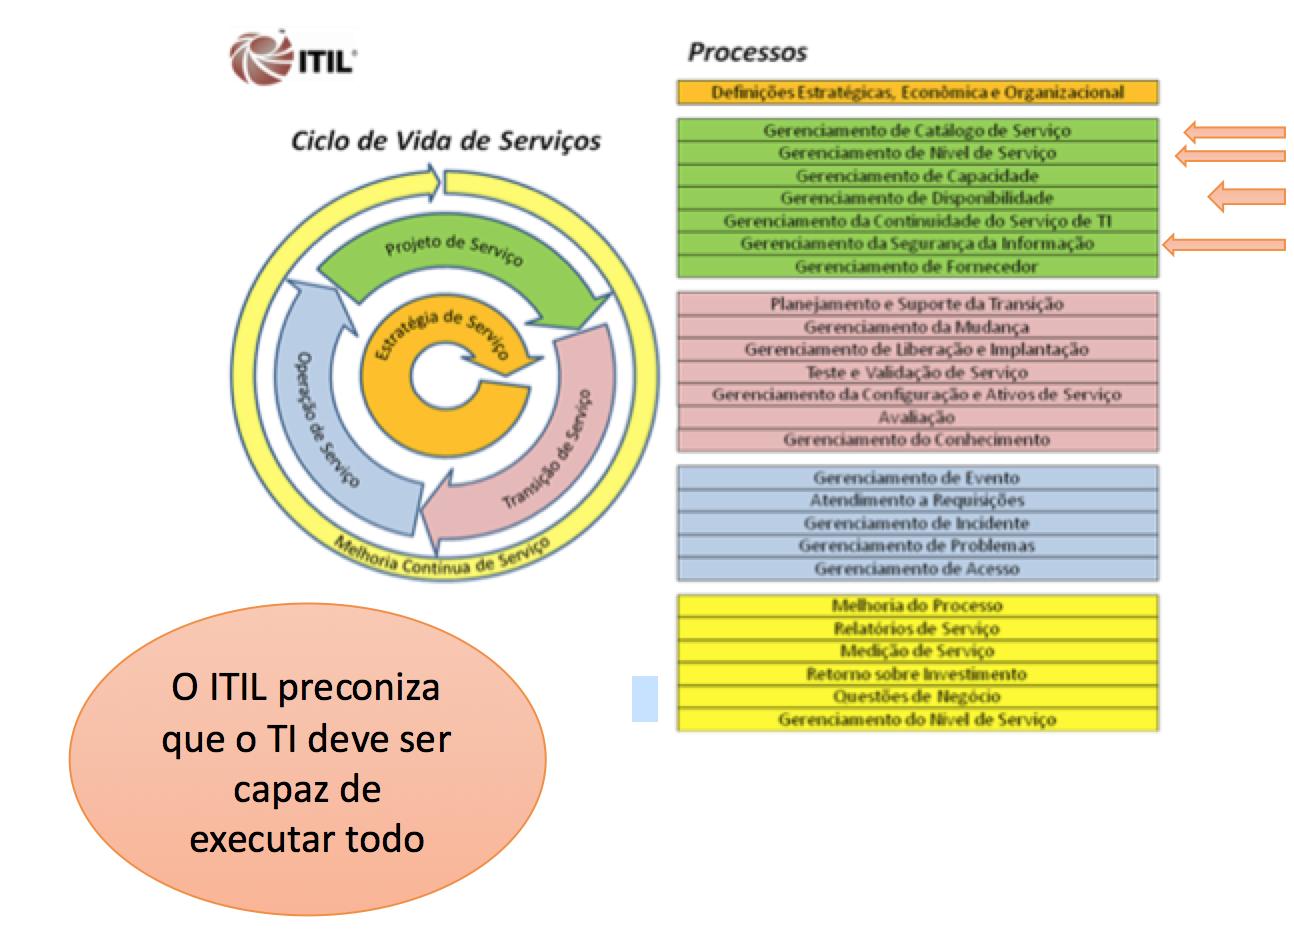 Figura - O ITIL preconiza que a TI deve ser capaz de executar tudo